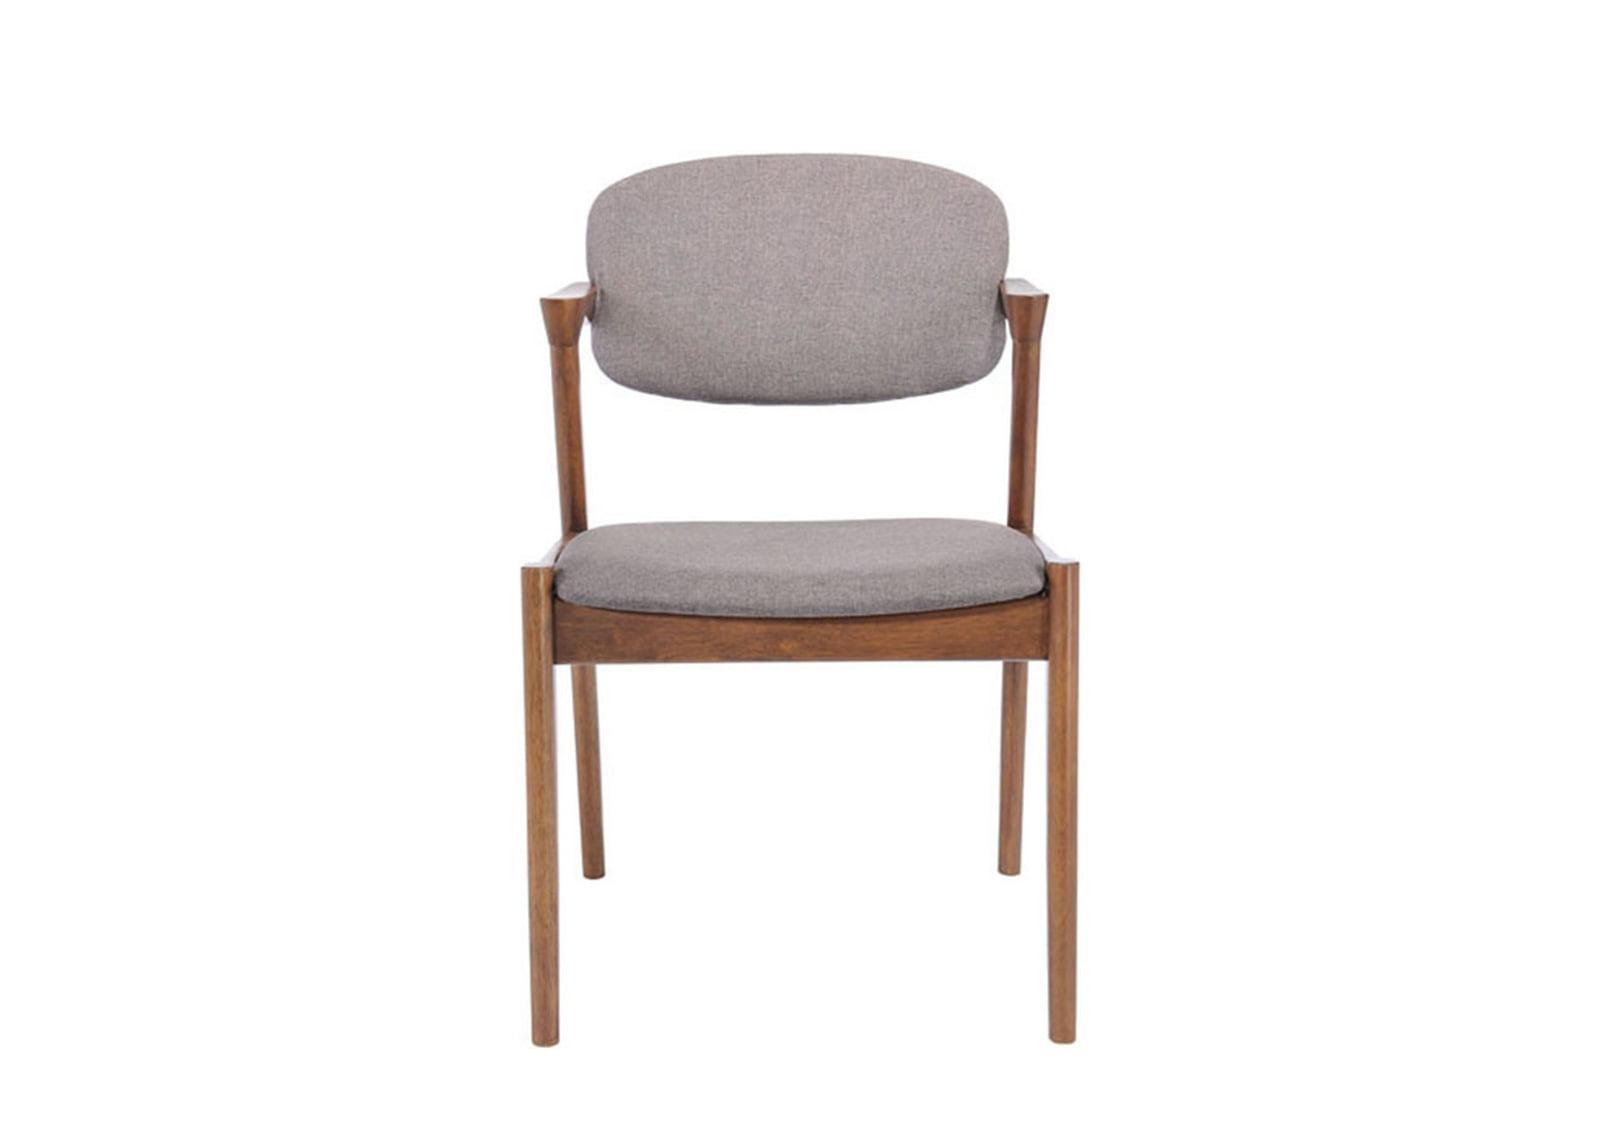 Brickell-Dining-Chair-Flint-Gray1